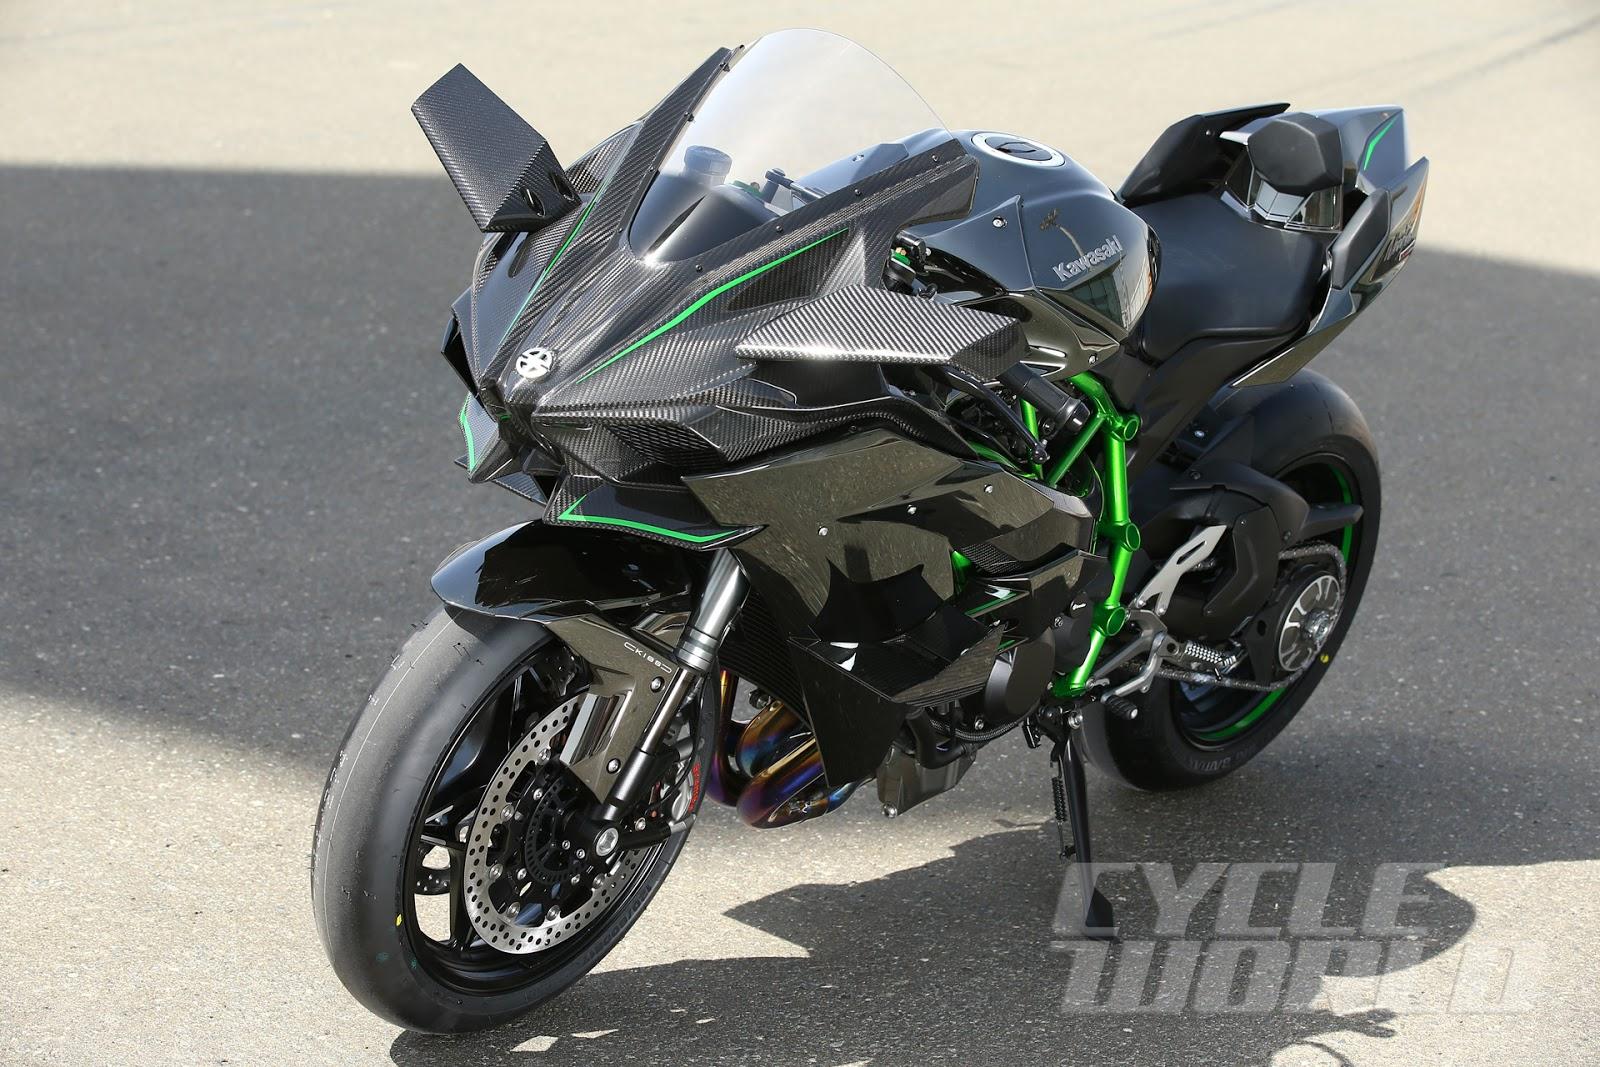 Kawasaki Ninja Hr Vs Ducati